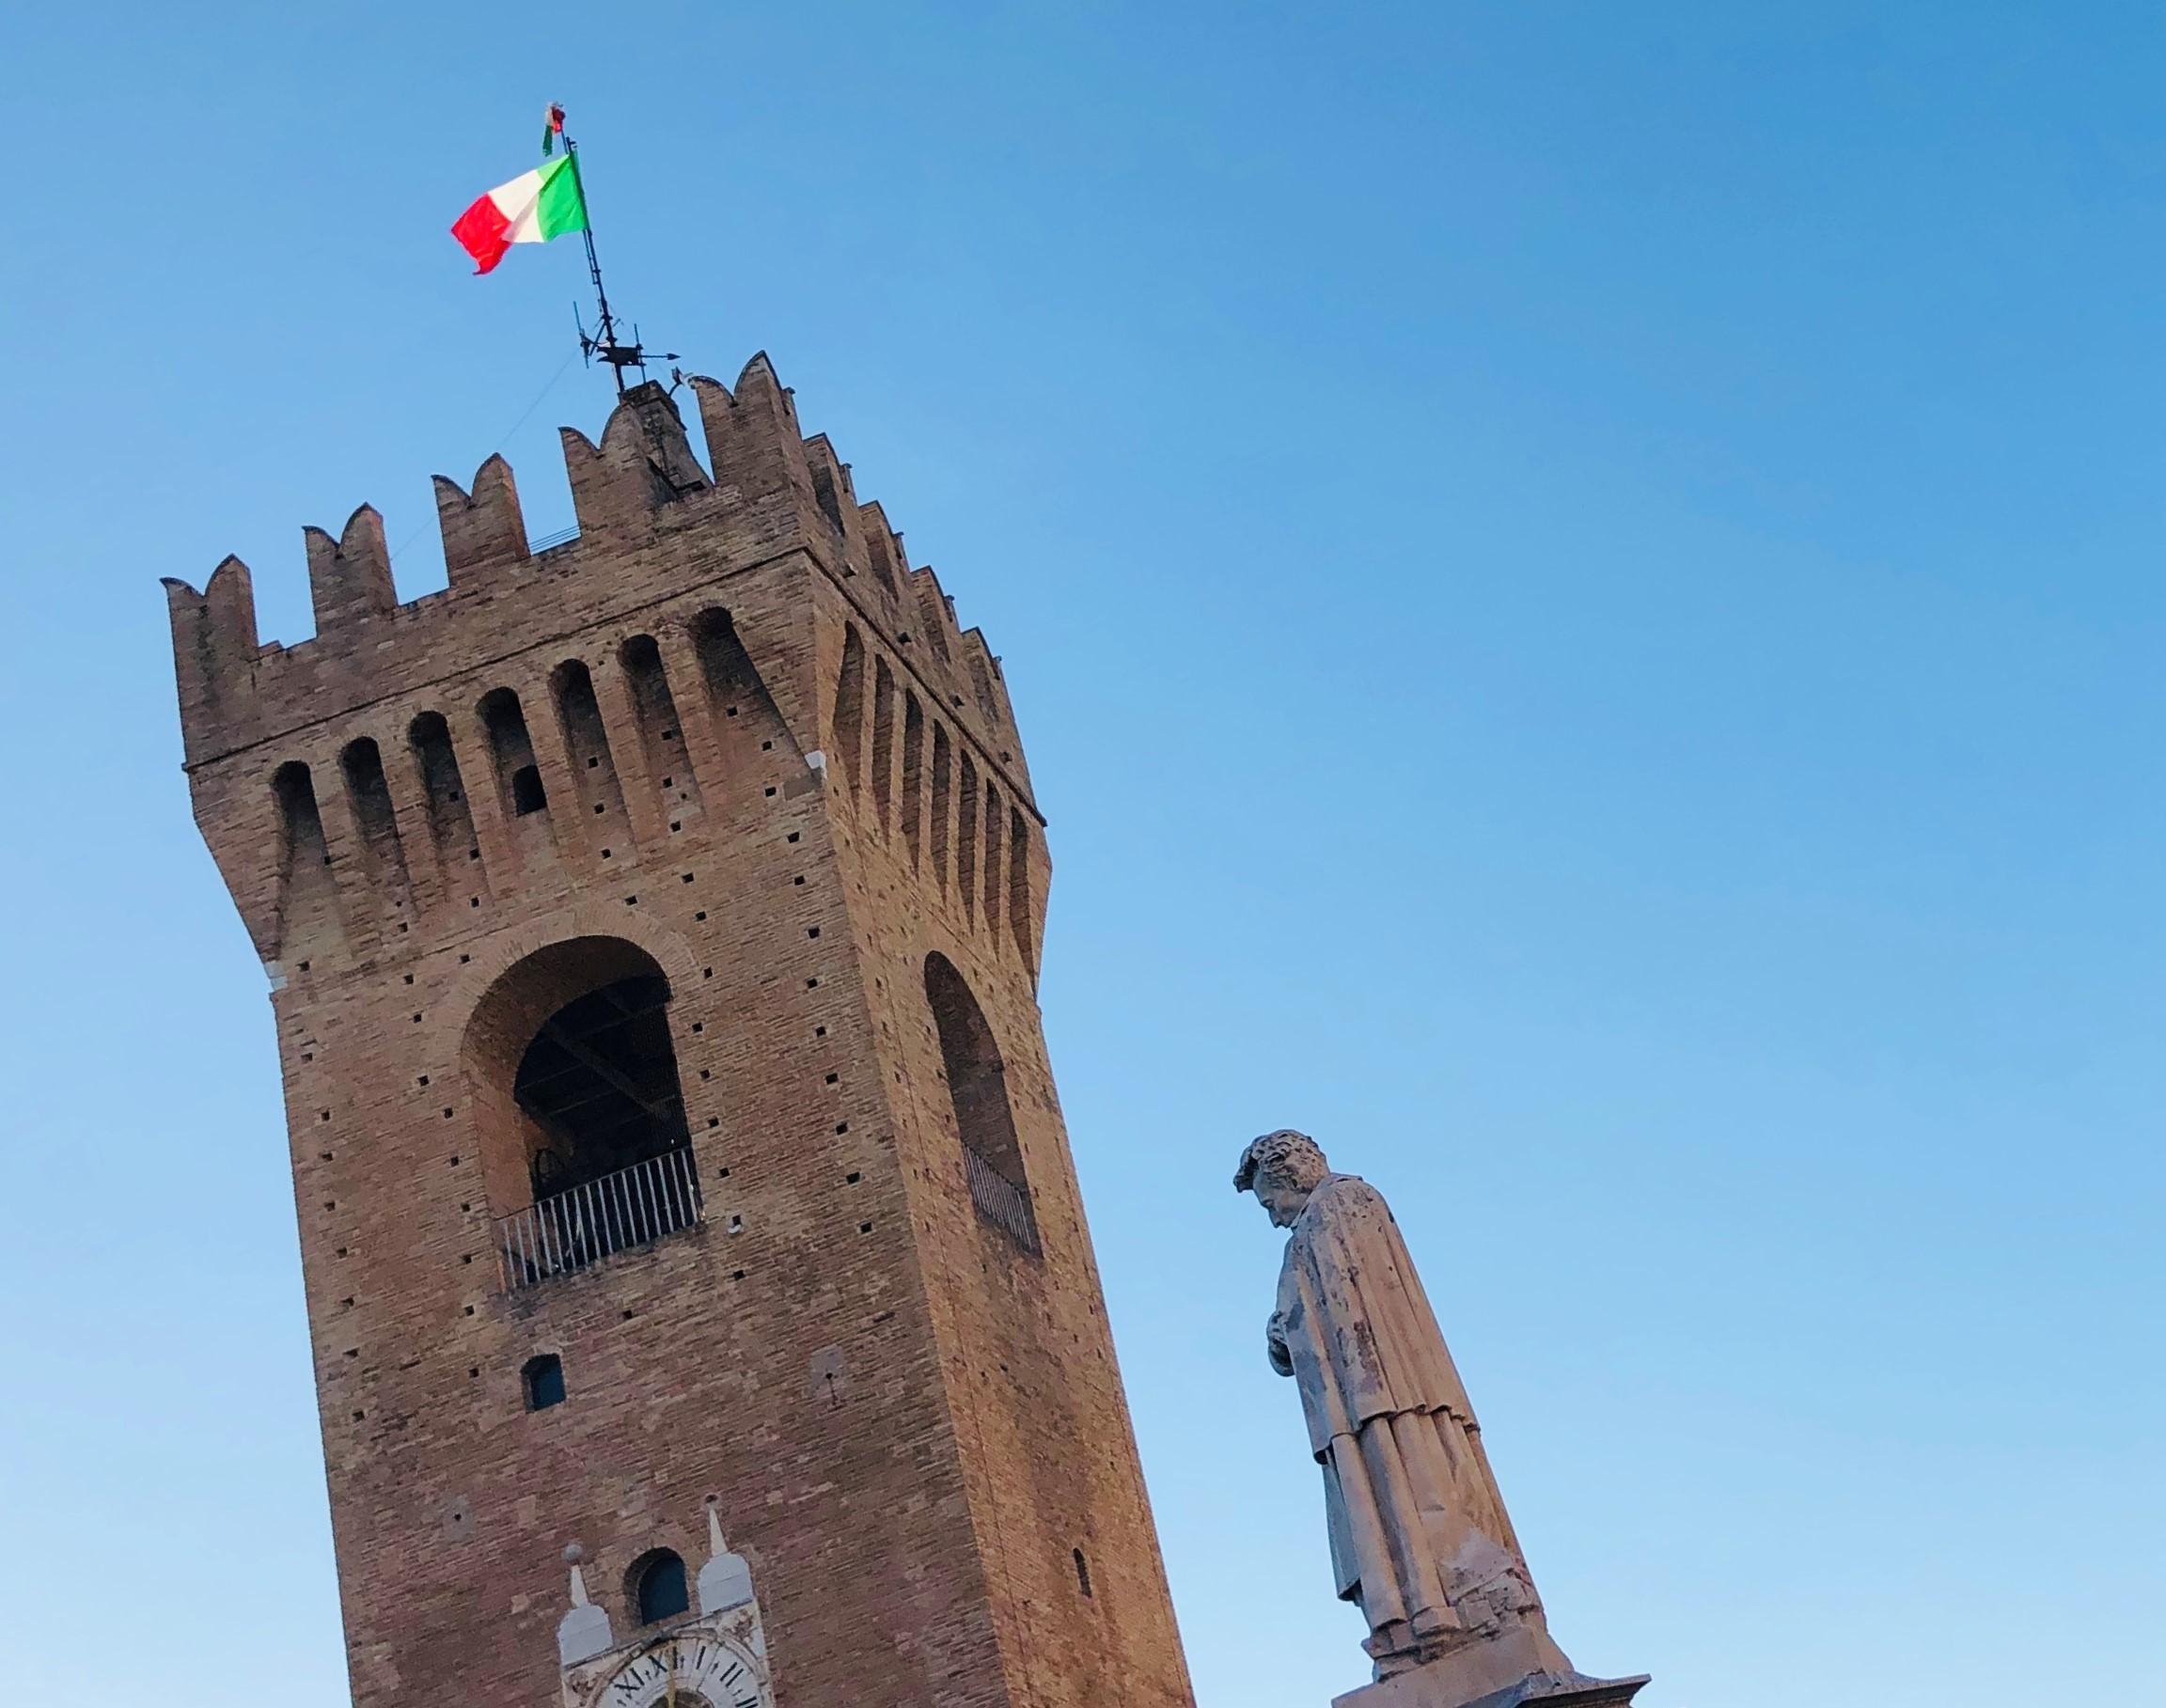 Da sabato 15 maggio un biglietto unico per la Torre del Borgo e il Museo Gigli